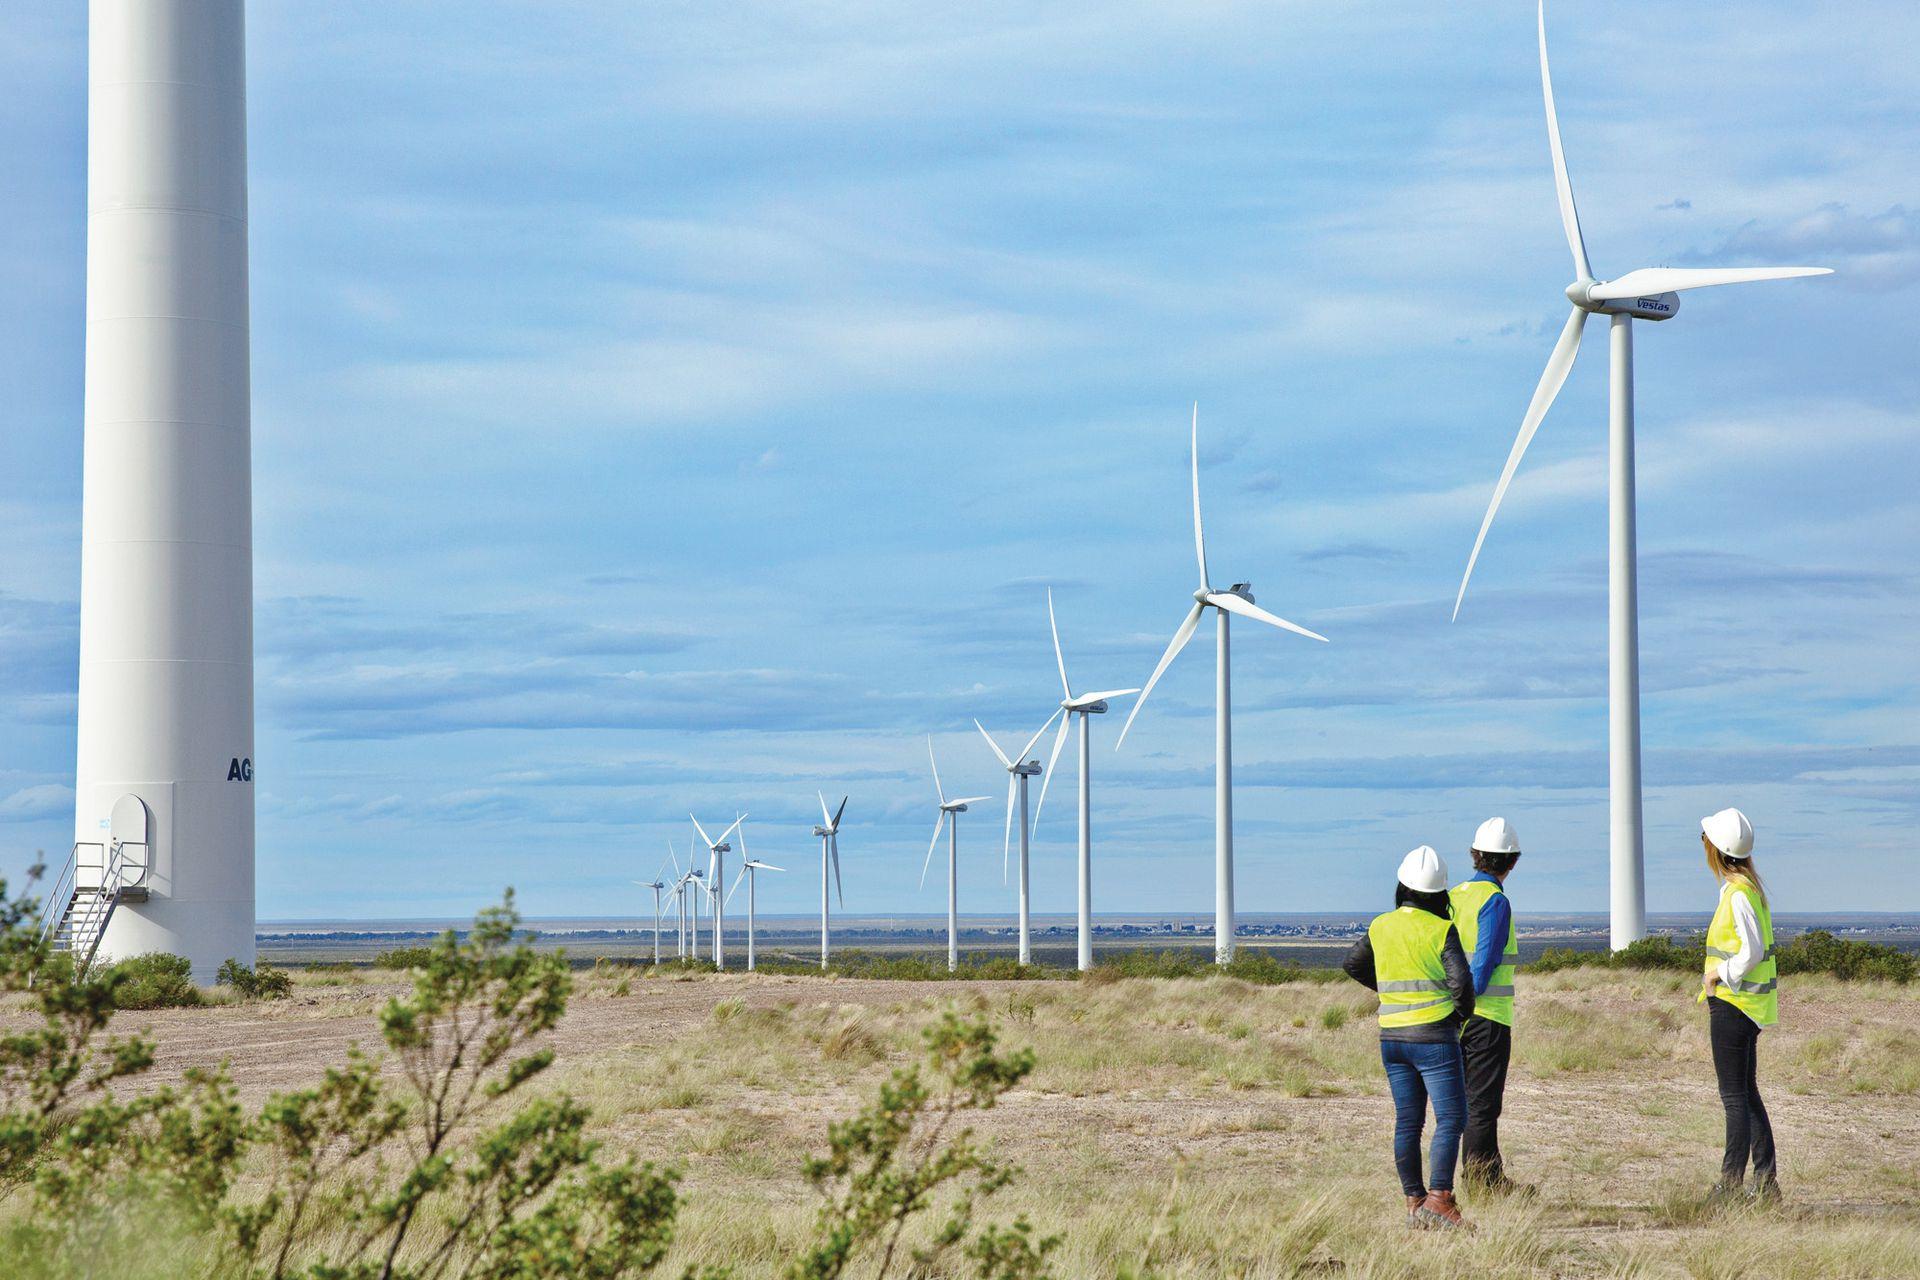 Los campos de energía eólica, como el de Trelew, son un nuevo paradigma